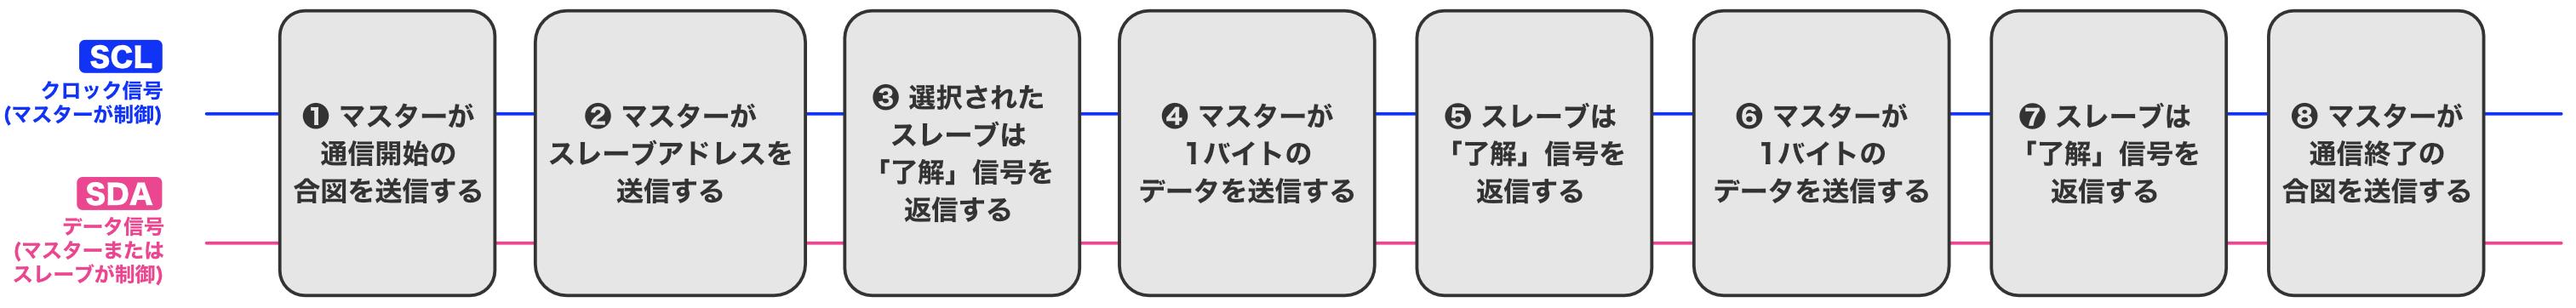 Pic practice 38 i2c block diagram